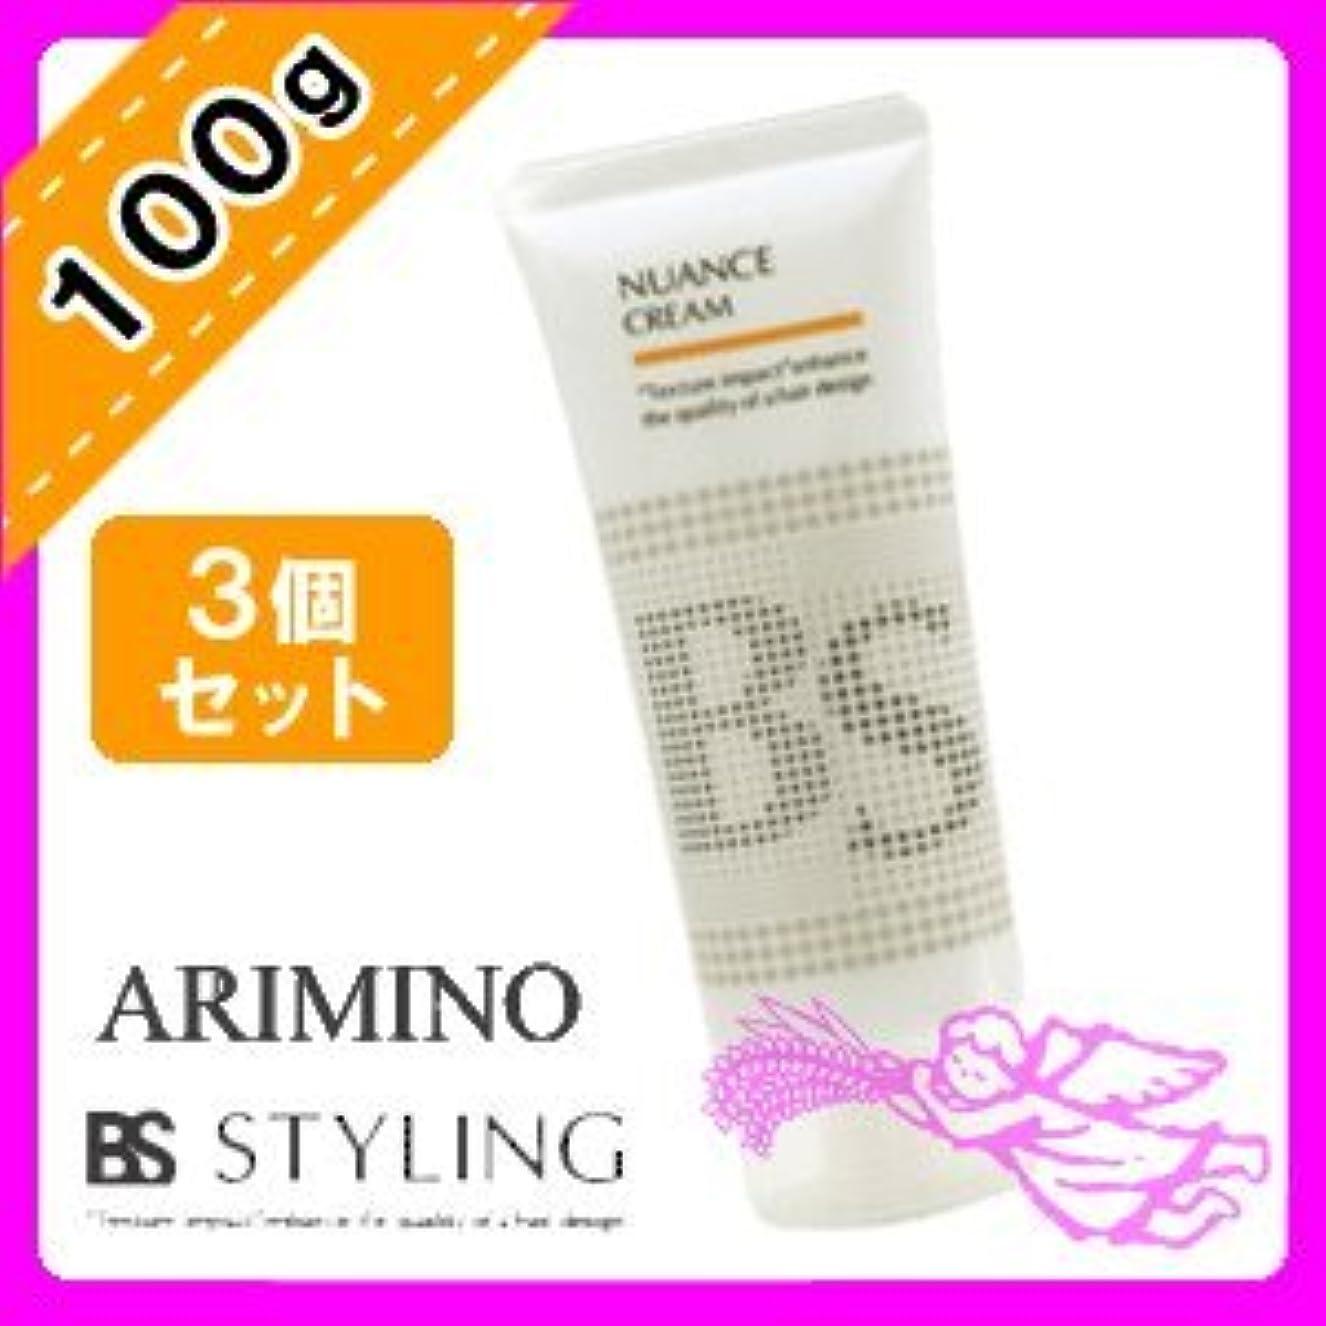 従来の直径すすり泣きアリミノ BSスタイリング ニュアンス クリーム 100g x 3個 セット arimino BS STYLING